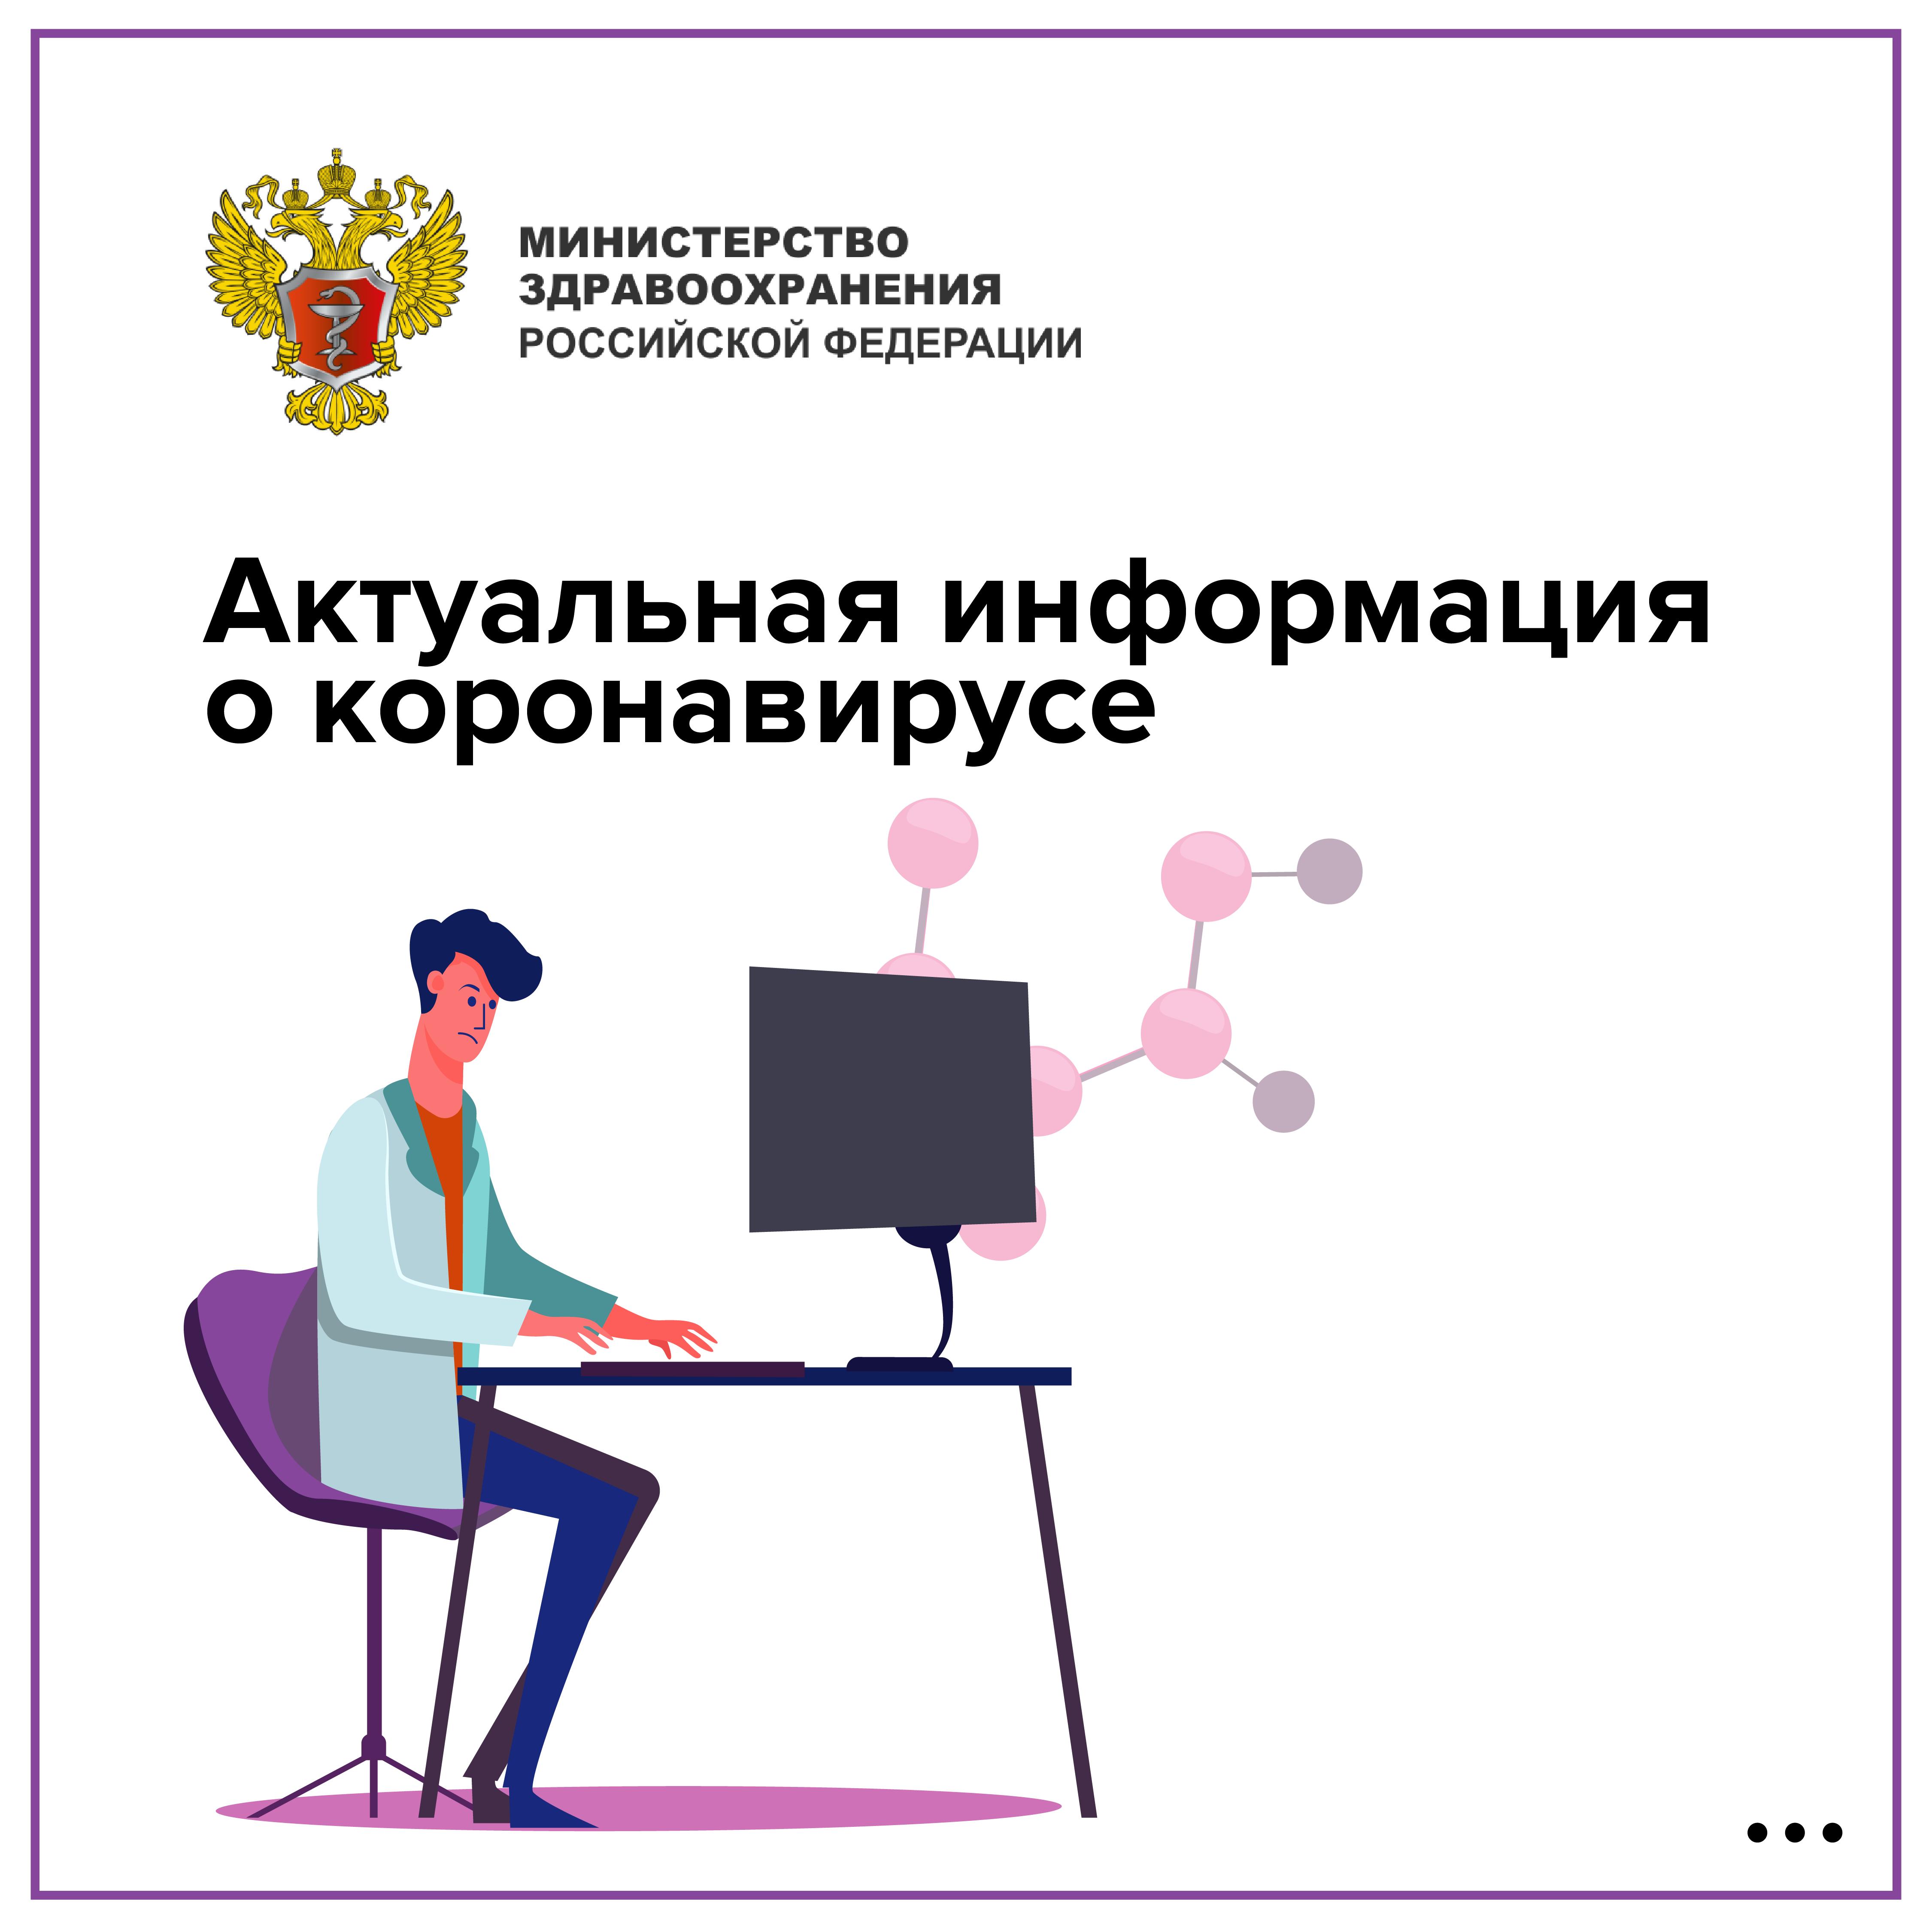 Минздрав открыл на своем официальном сайте раздел, посвященный коронавирусу.